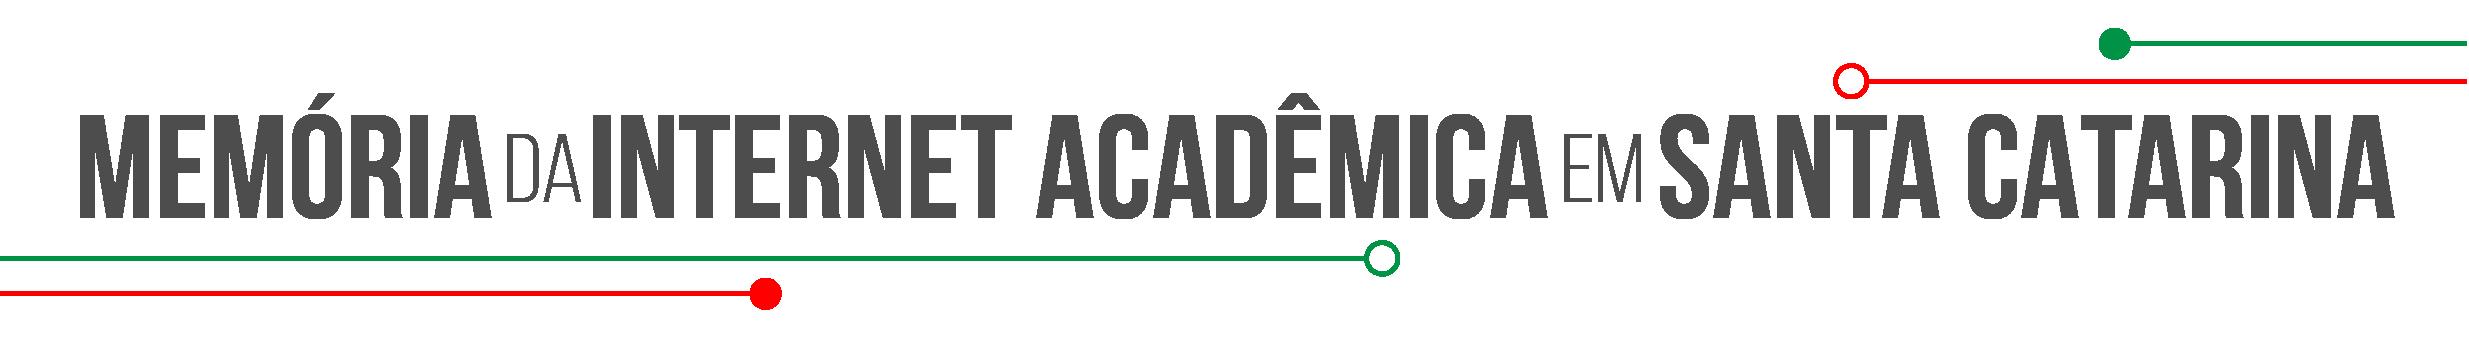 Memória da Internet Acadêmica em Santa Catarina